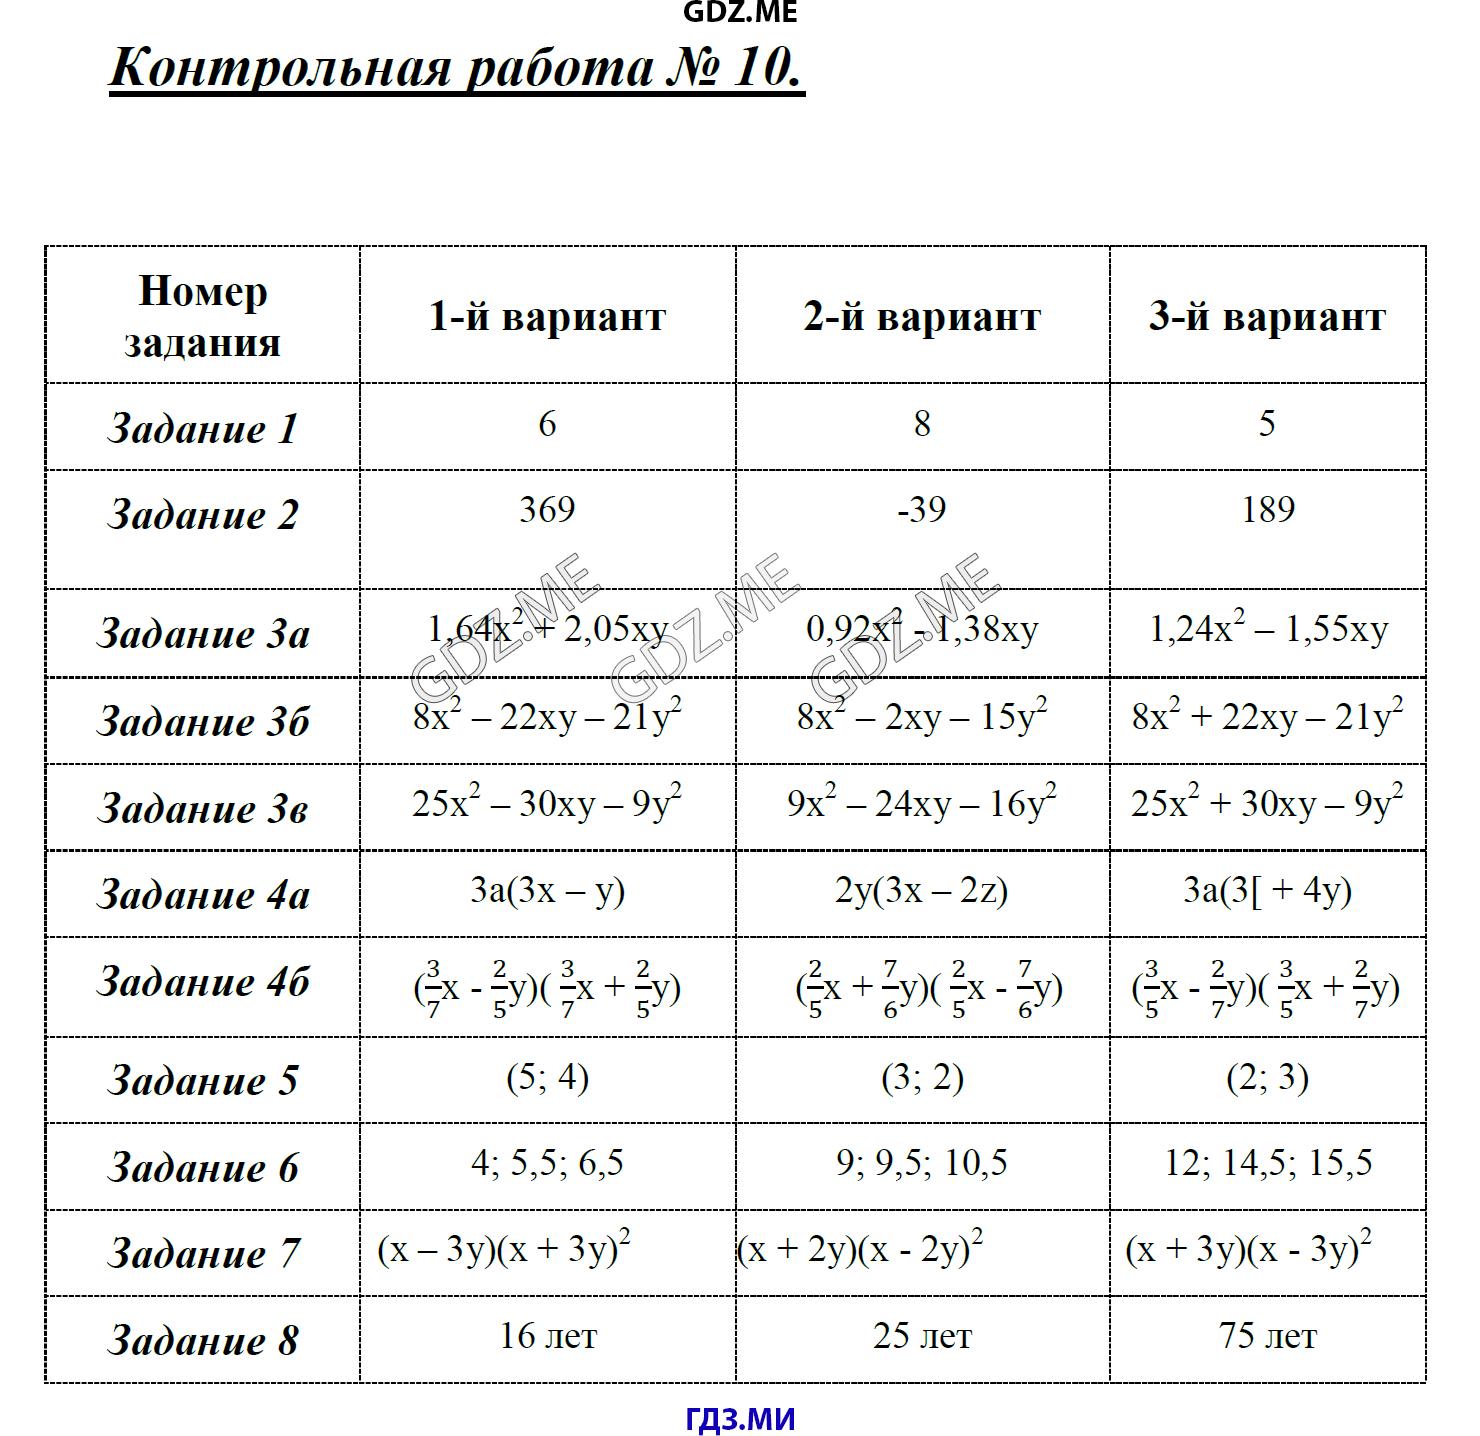 ГДЗ по алгебре класс Глазков Гаиашвили самостоятельные и  Контрольная работа №1 Контрольная работа №2 Контрольная работа №3 Контрольная работа №4 Контрольная работа №5 Контрольная работа №6 Контрольная работа №7